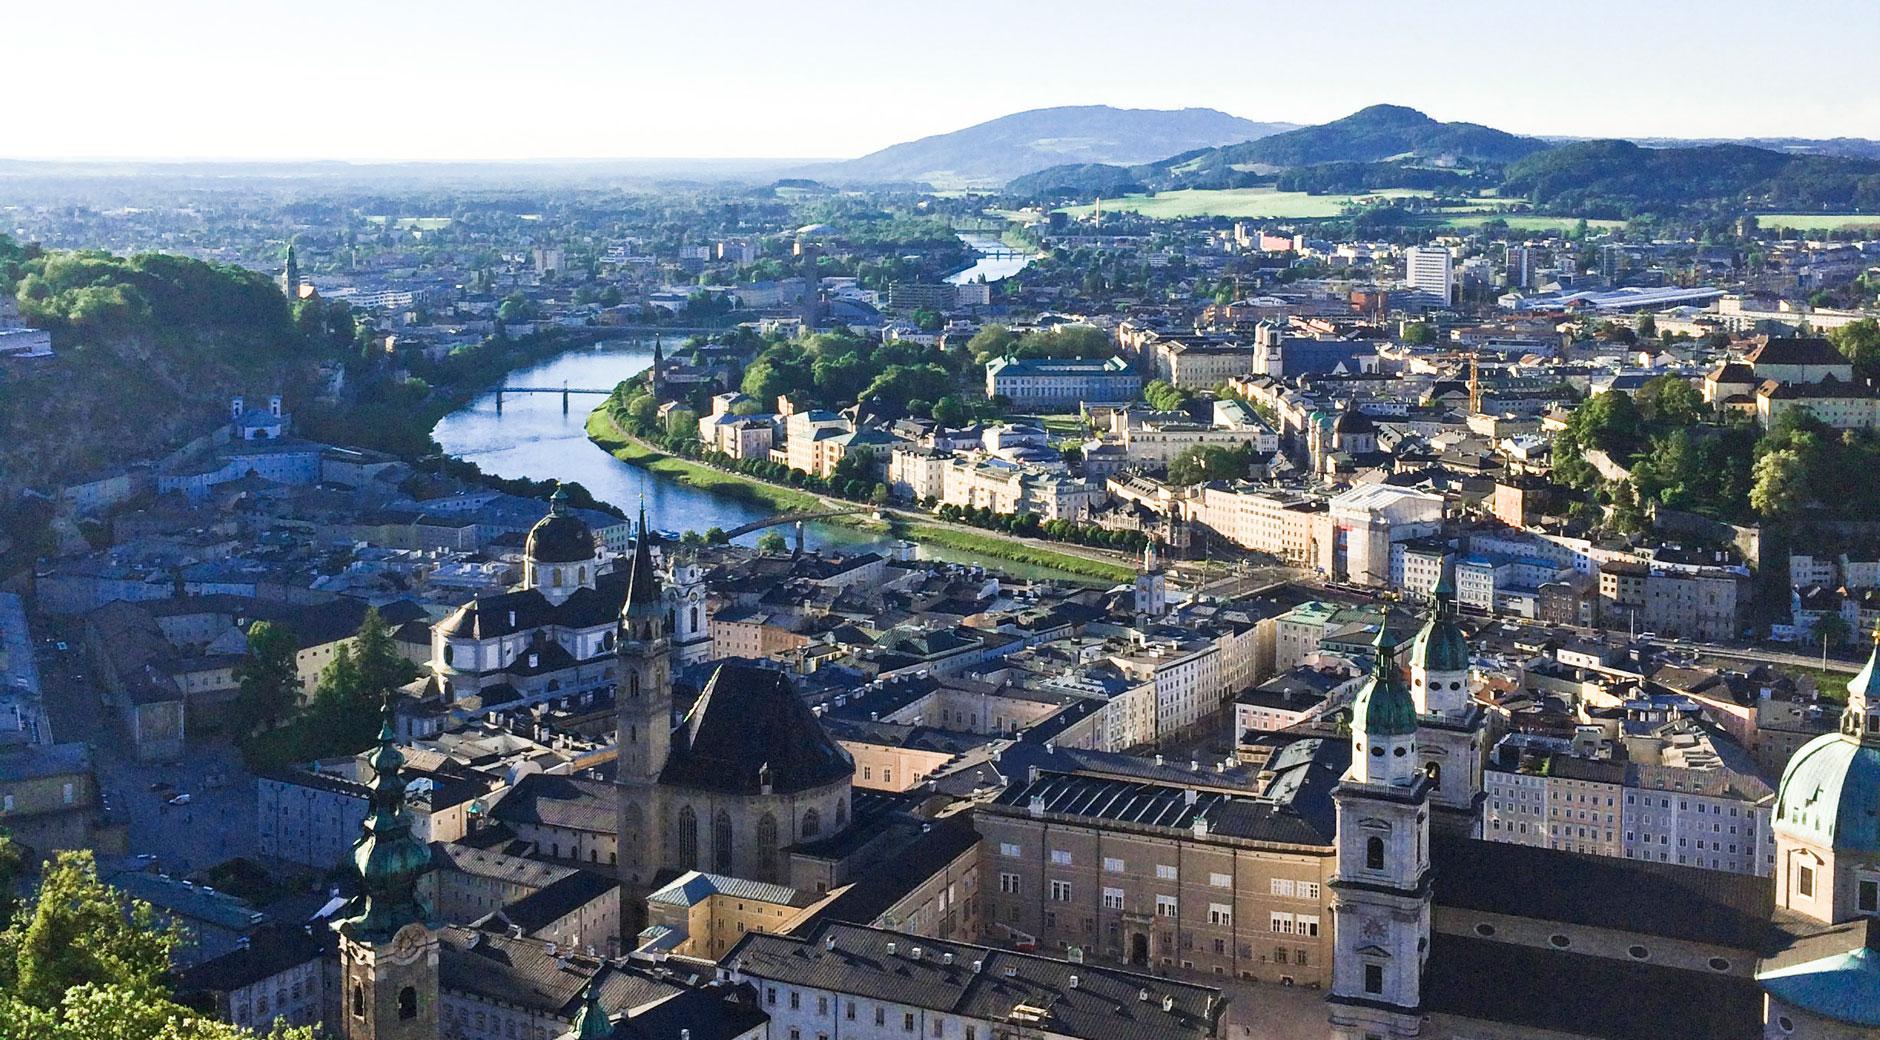 Blick auf Salzburg von der Festung Salzberg.